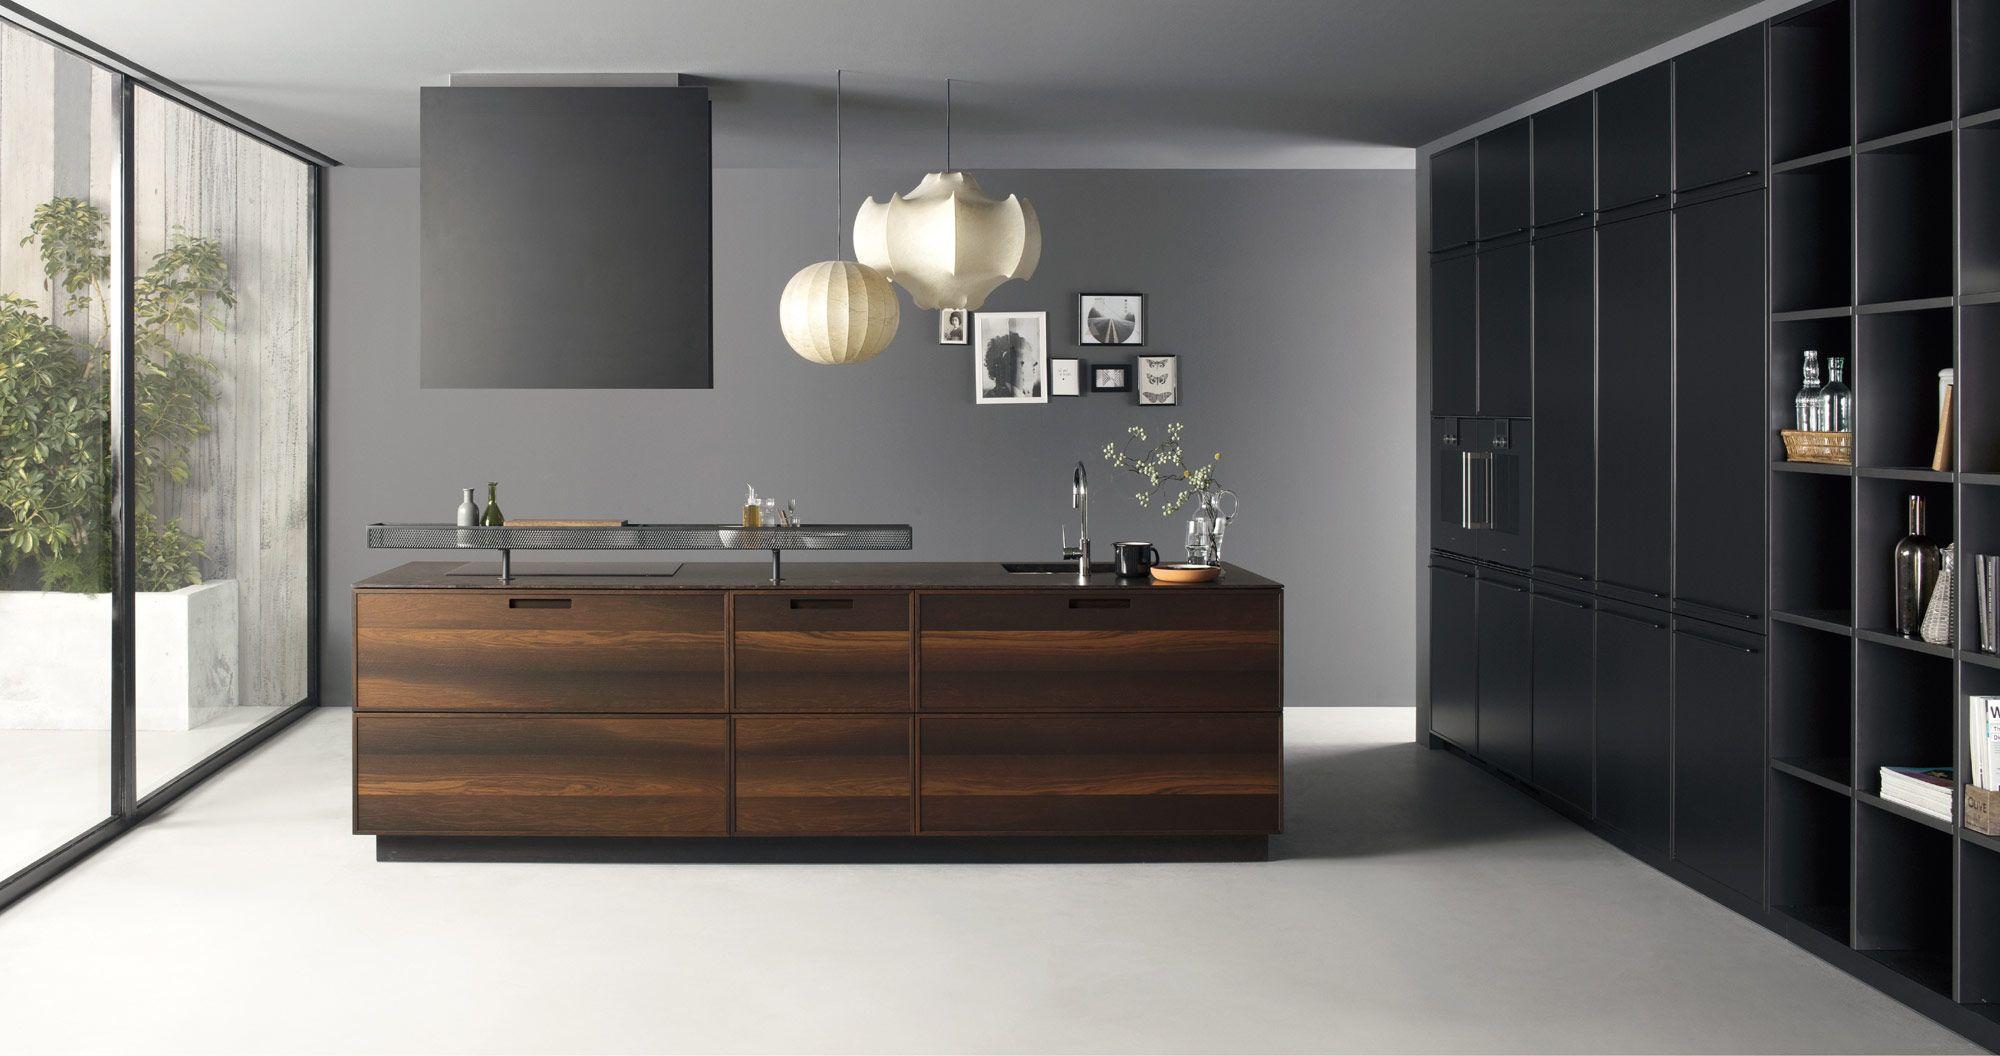 Cucina Factory > un progetto di Key Sbabo Cucine | Cucina ...